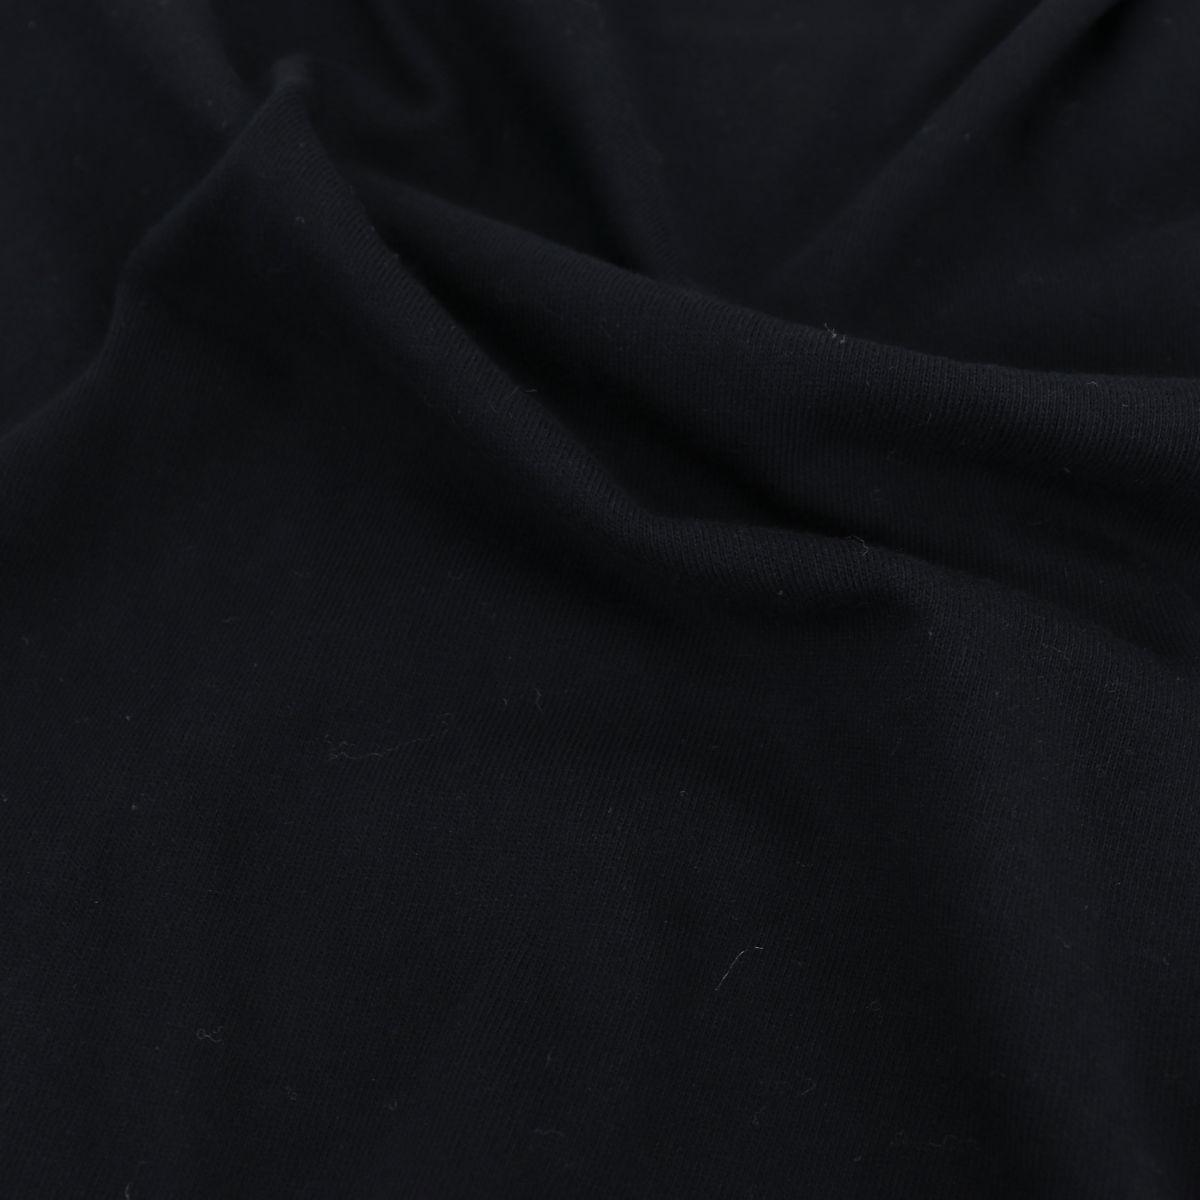 スウィープ ロサンゼルス Sweep!! LosAngeles メンズ カレッジロゴ クルーネック Tシャツ COLLEGE LOGO-T / SL160003  SWP BLACK(ブラック) 春夏新作